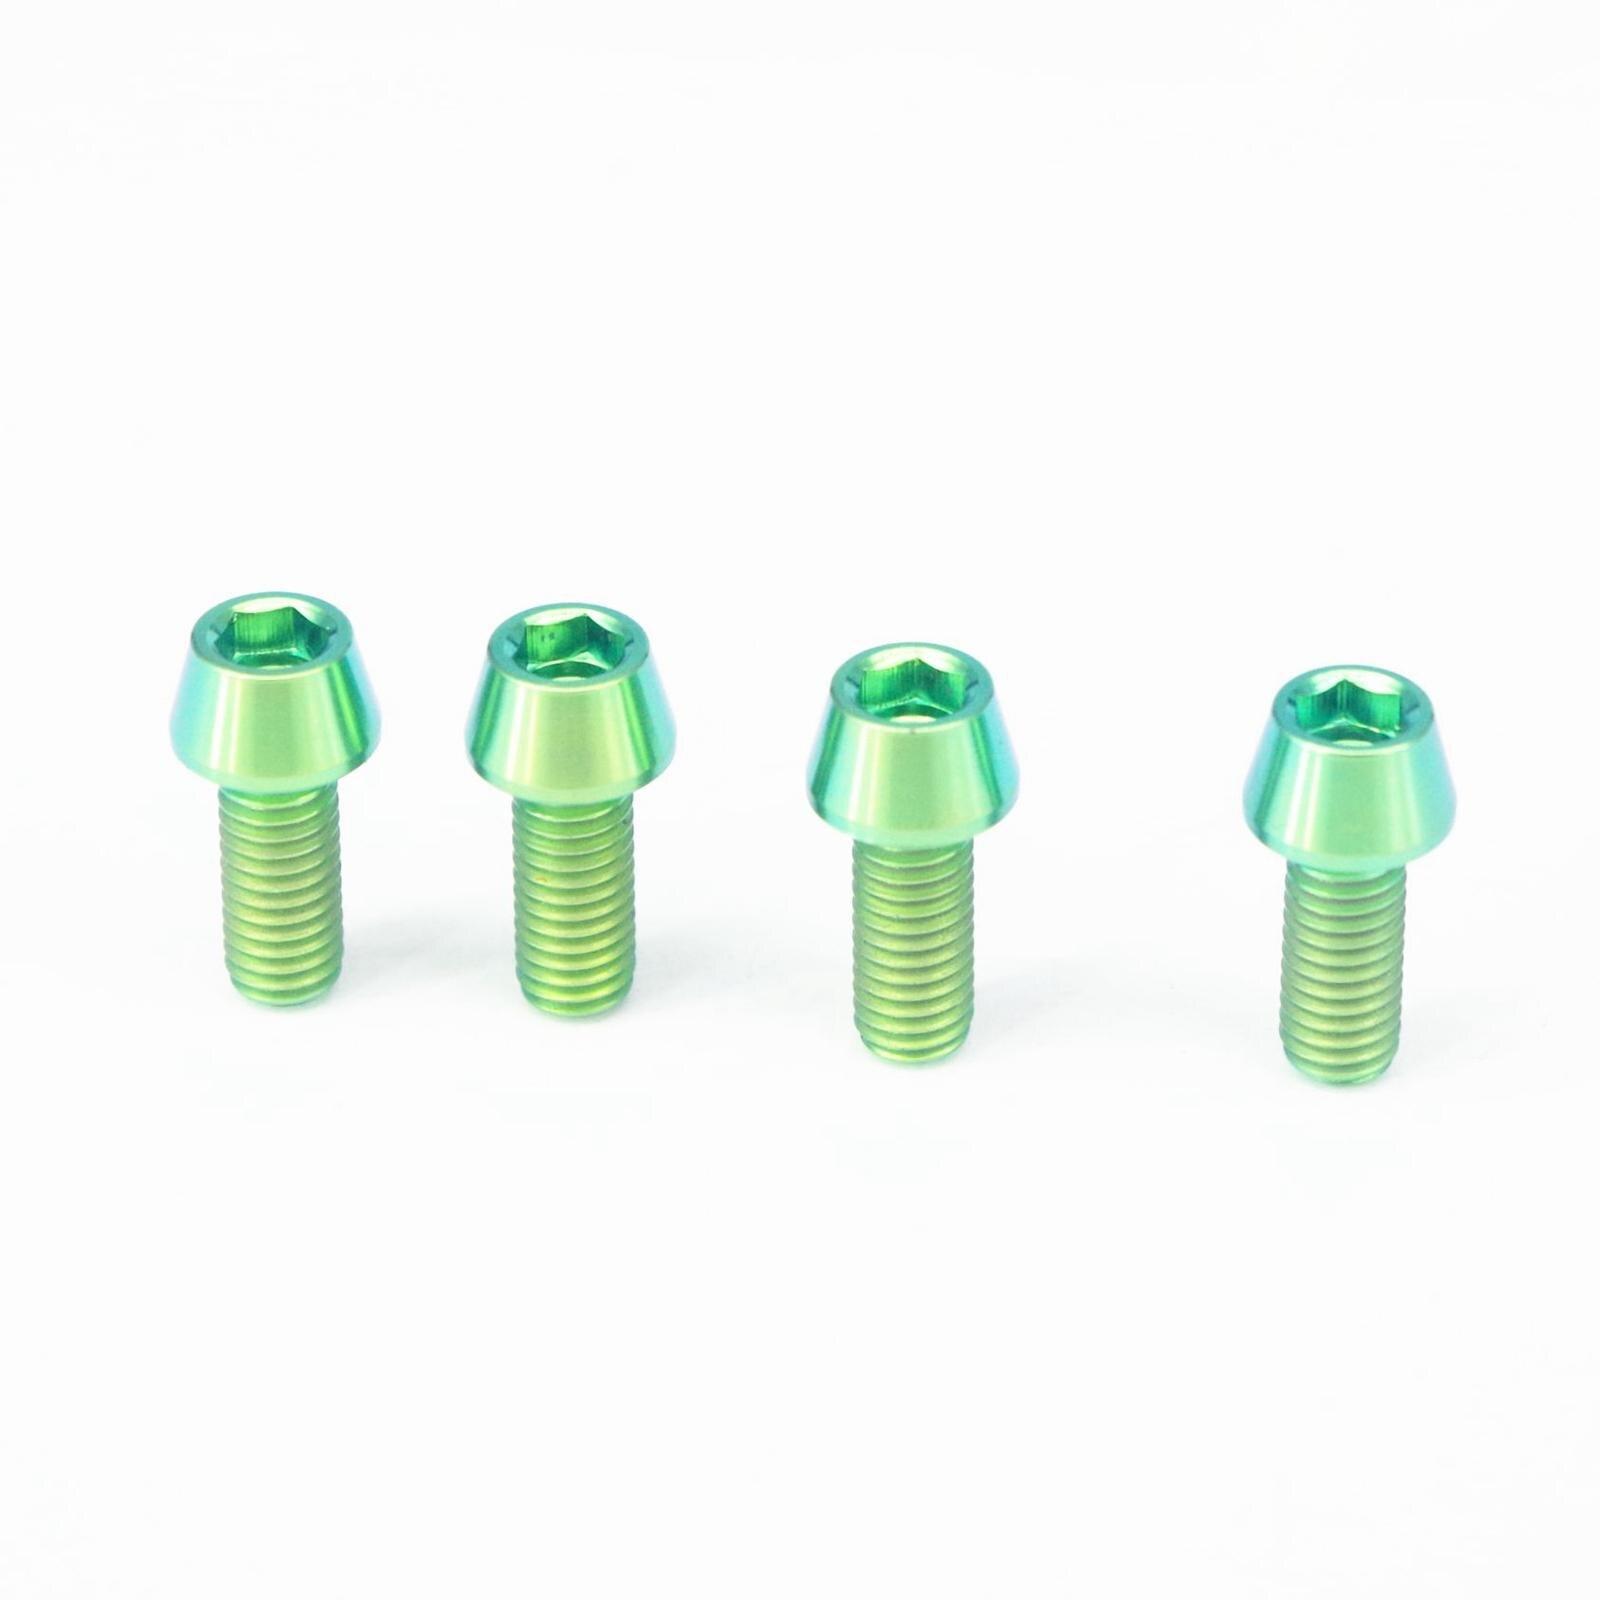 M6 x 30mm x 1mm Allen Head RacePro 20x Titanium Tapered Bolt GR5 Green